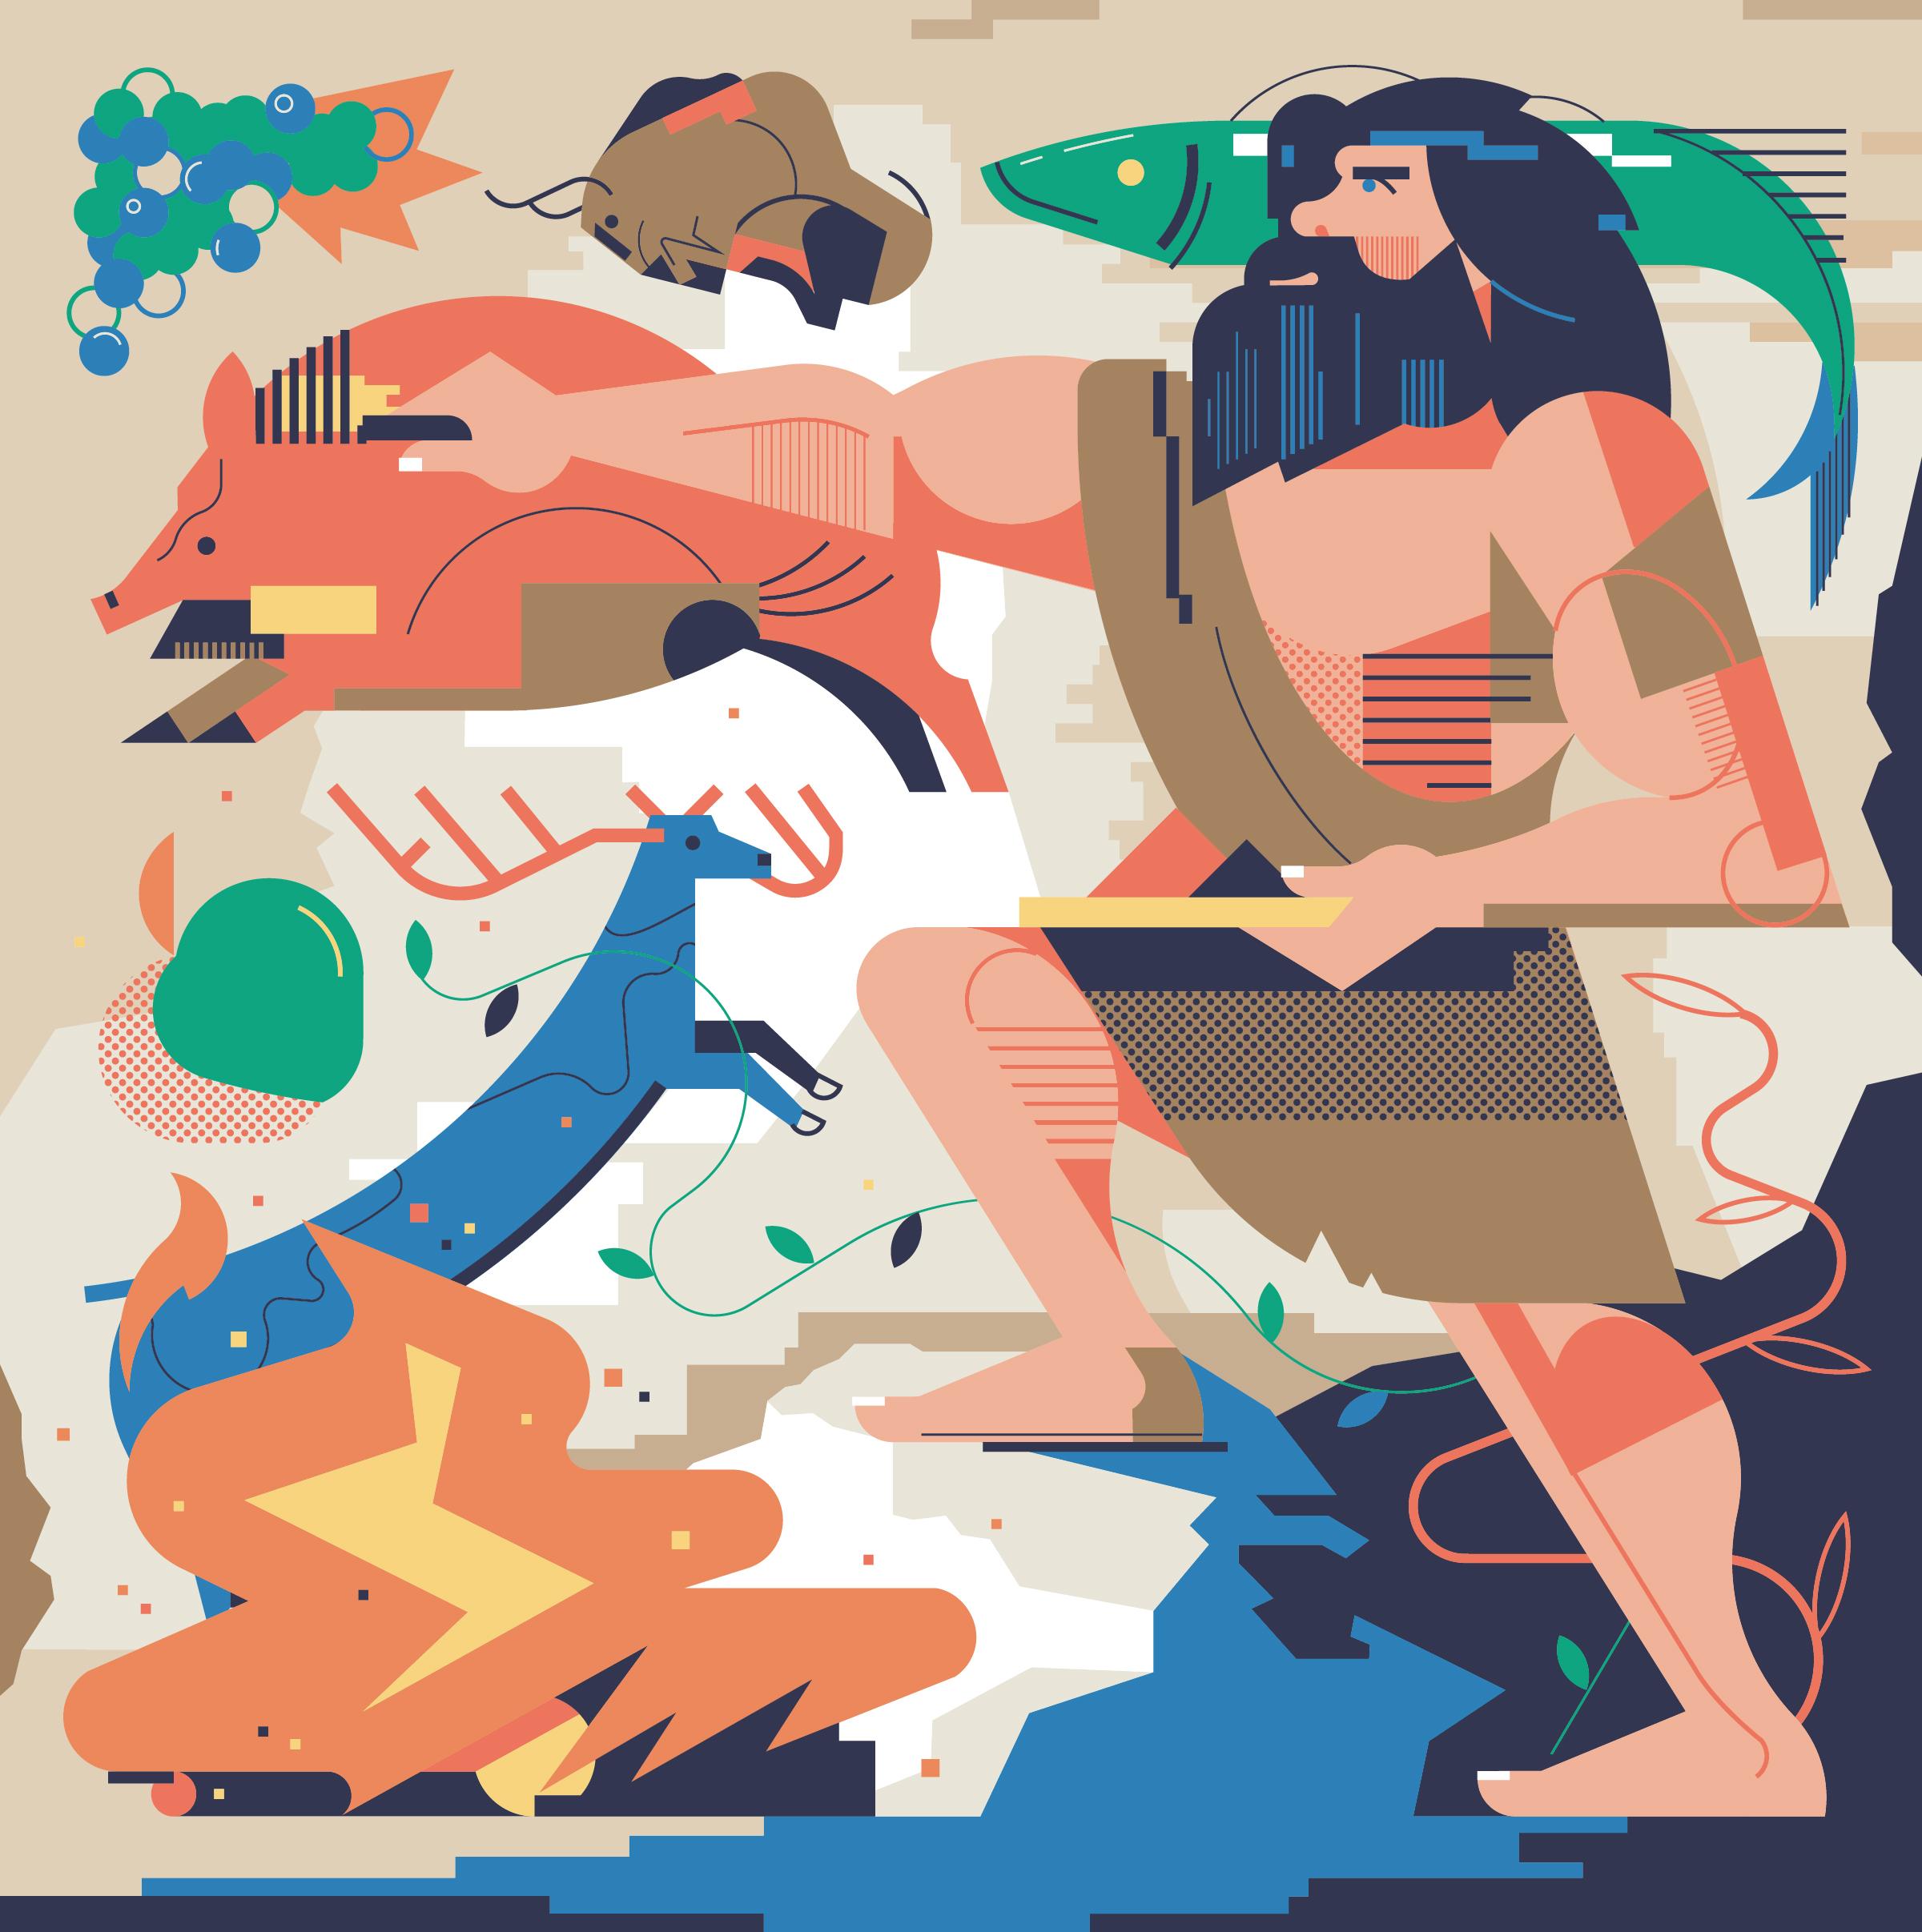 aleksandar-savic_umami-caveman-poster